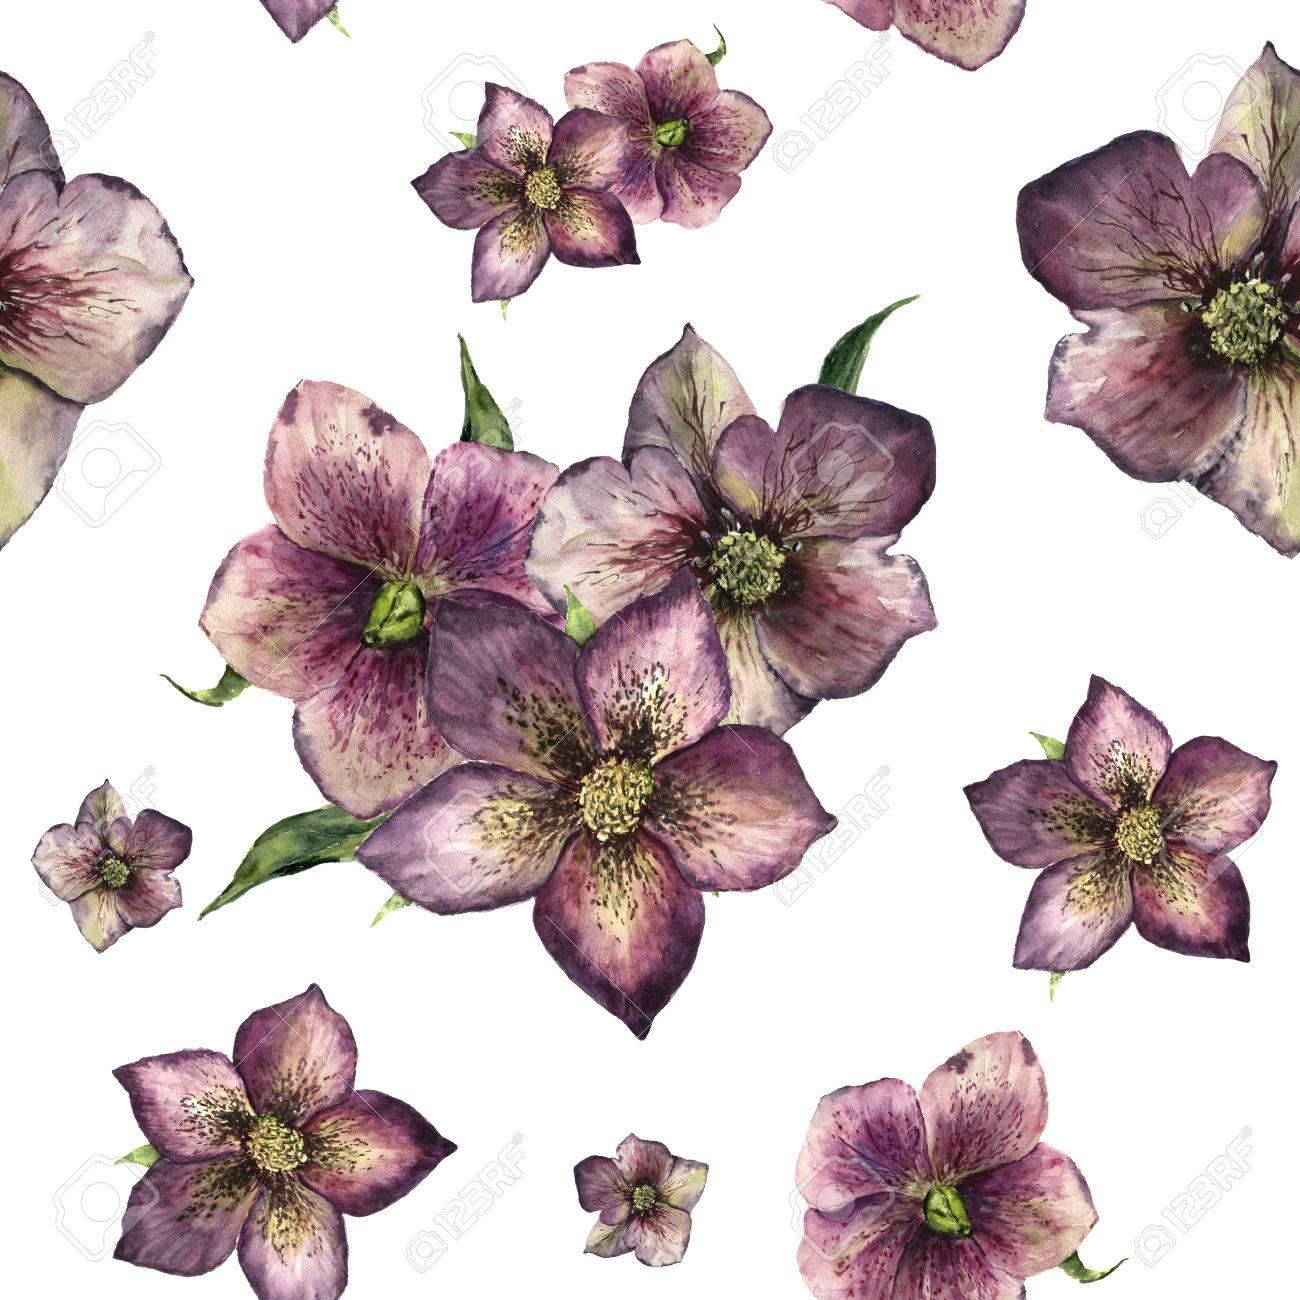 Aquarell Blumenmuster Mit Nieswurz. Hand Bemalt Winter Blüten Und ...